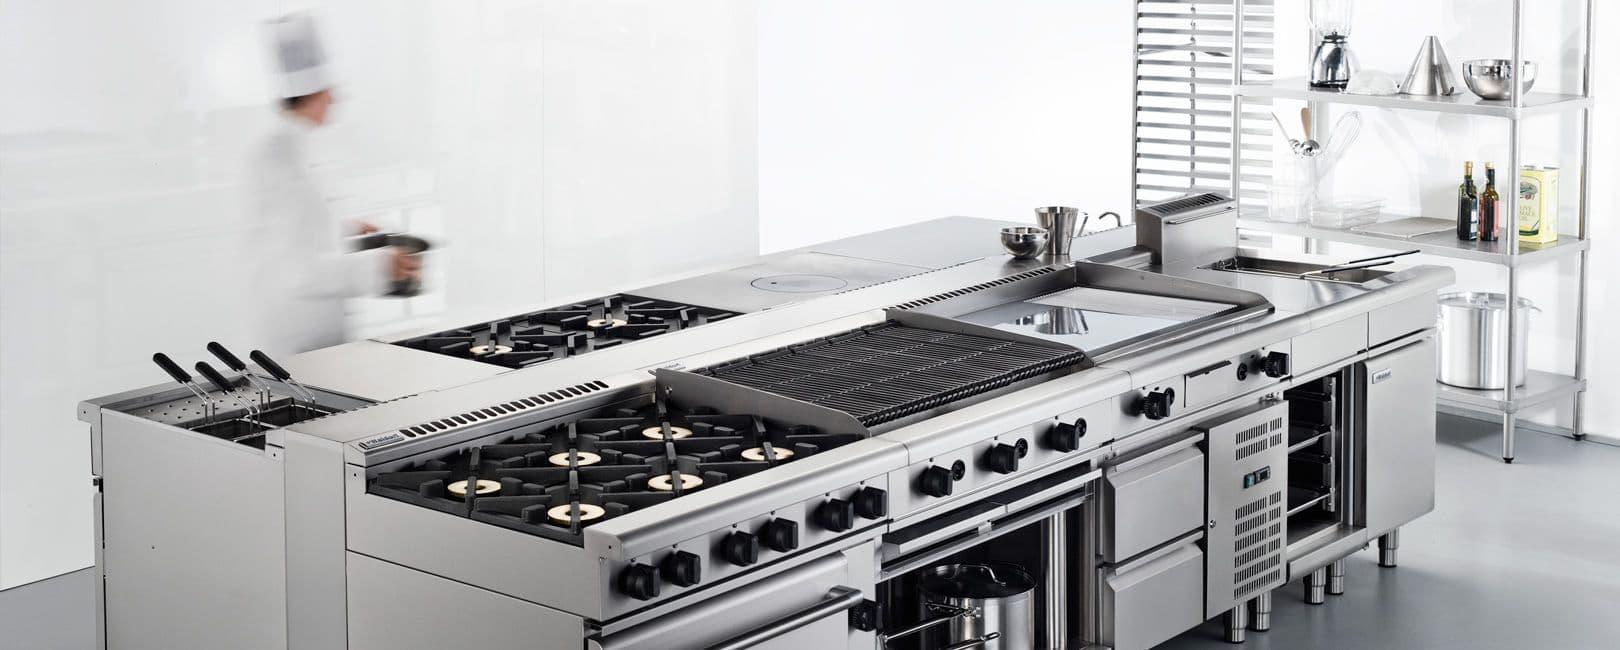 انواع تجهیزات آشپزخانه صنعتی